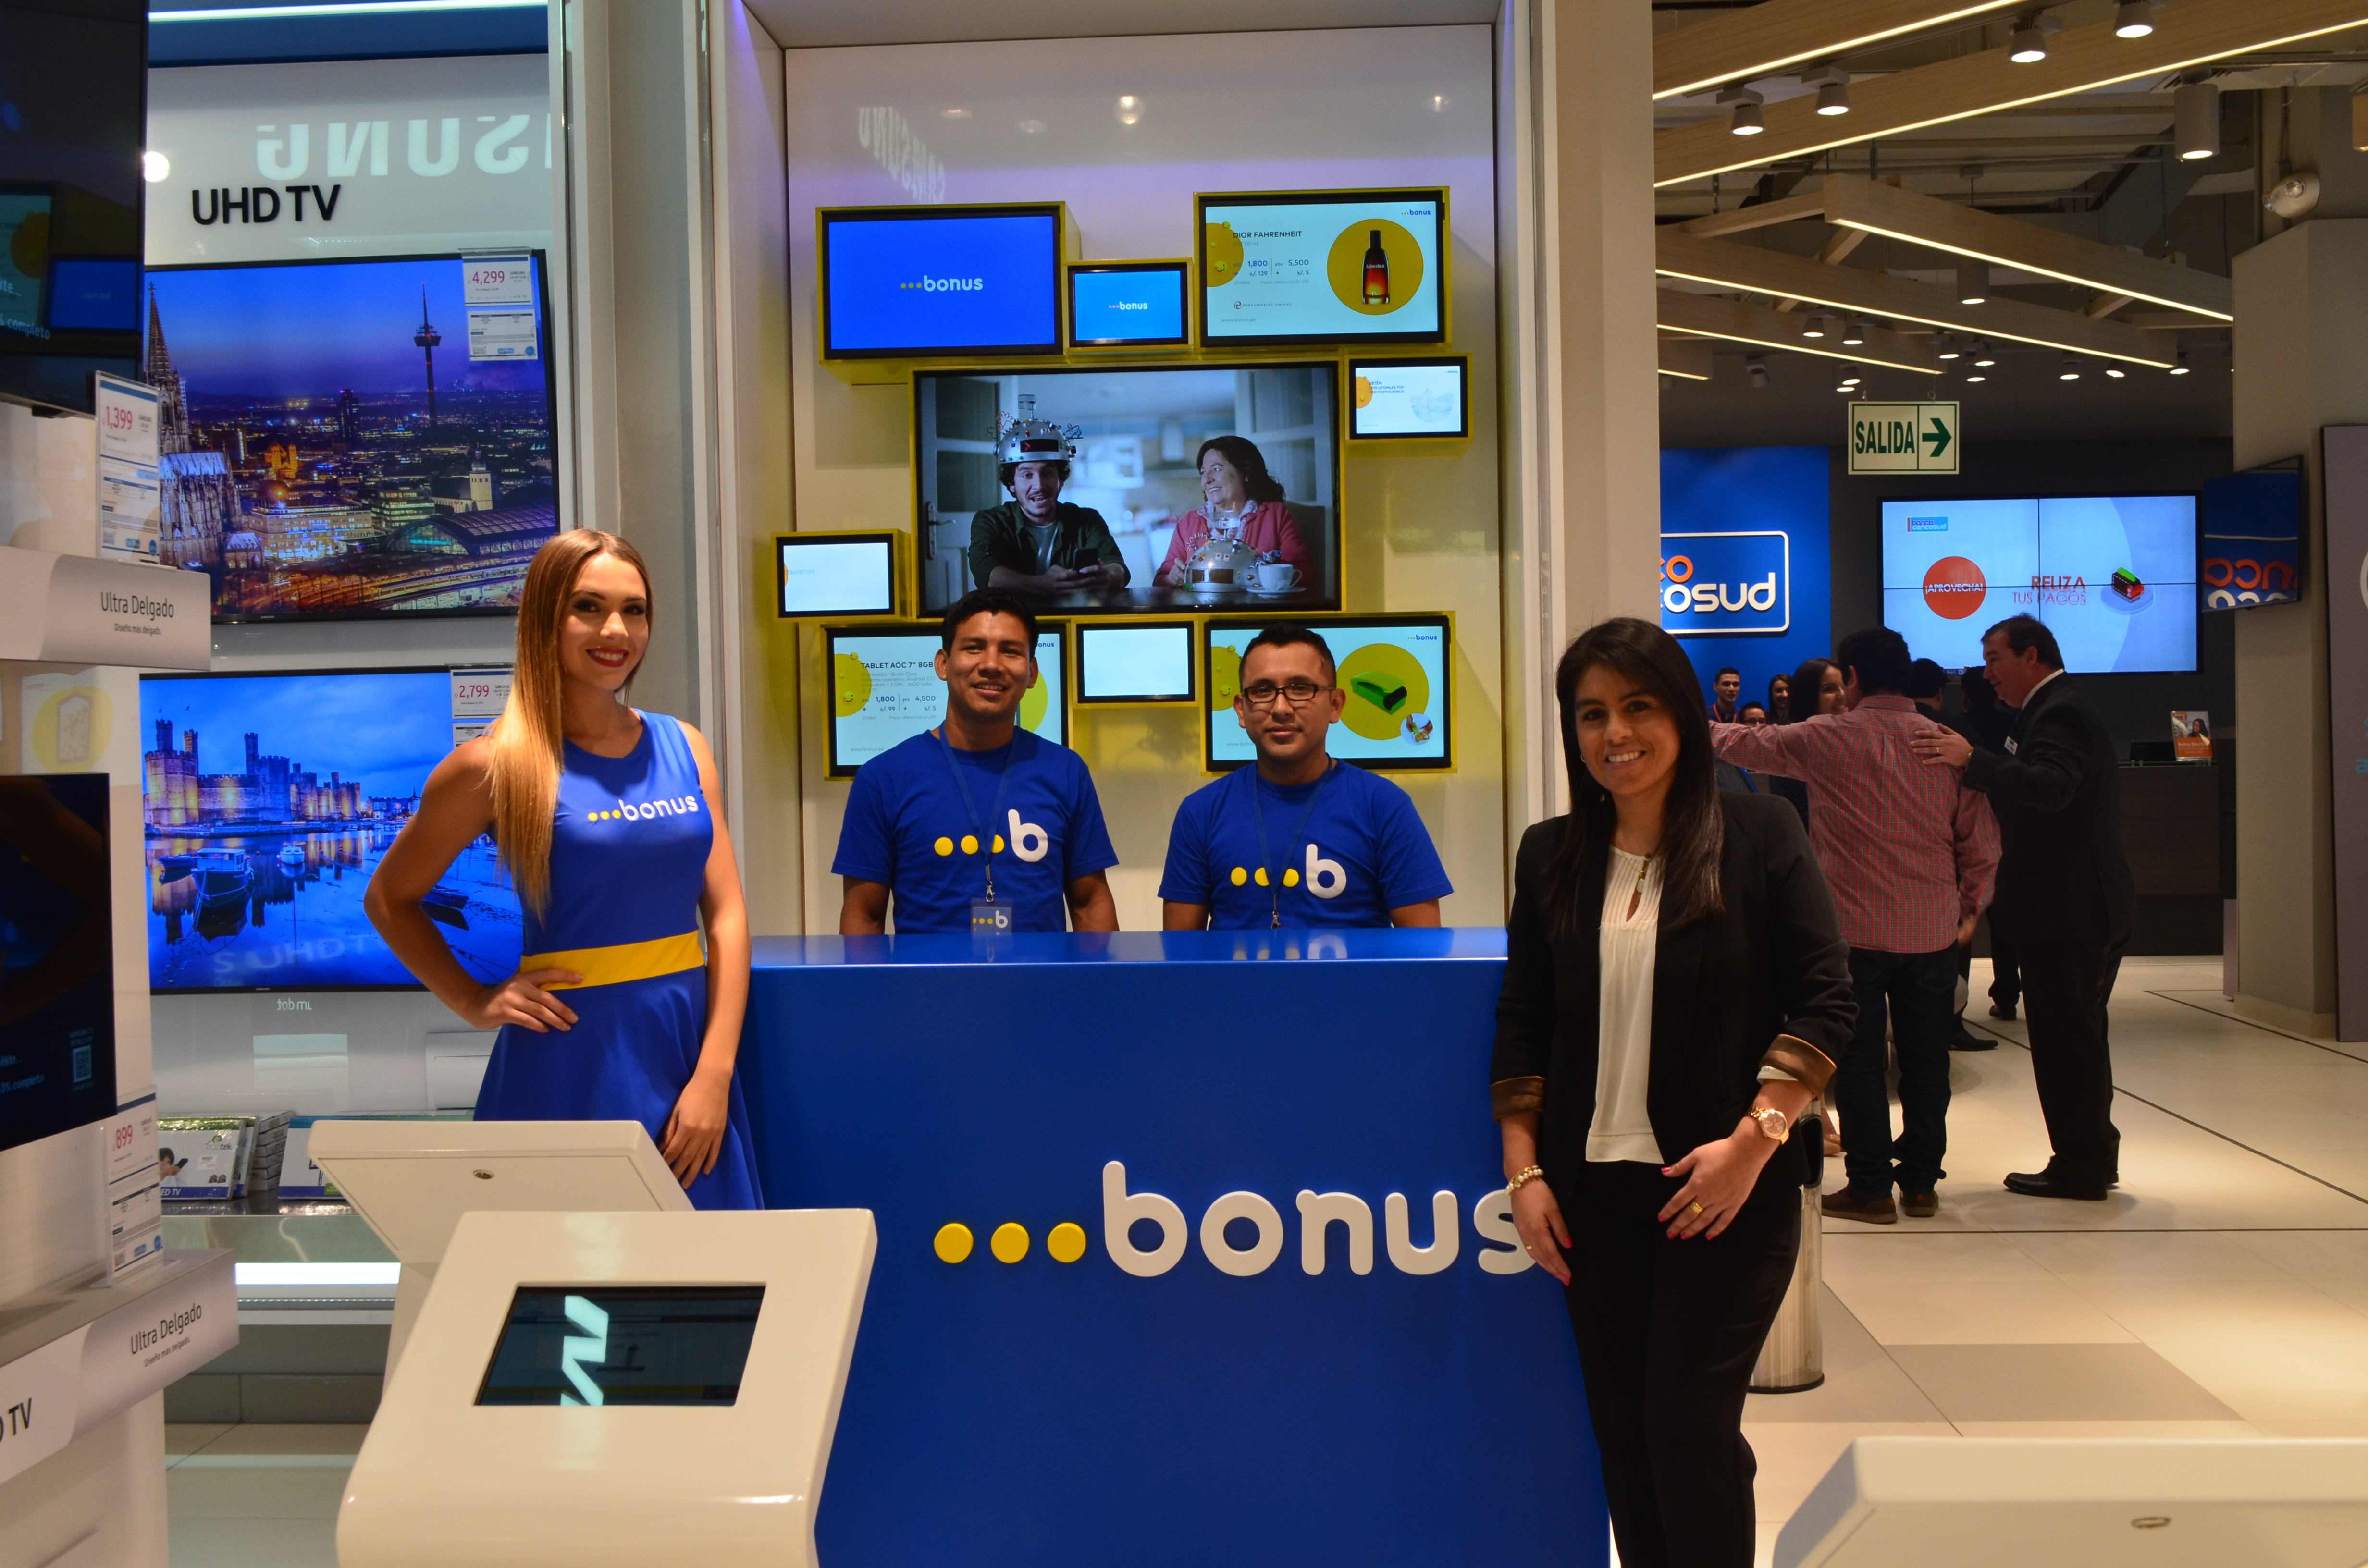 bonus-foto-2-cecilia-colichon-jefe-de-marketing-bonus